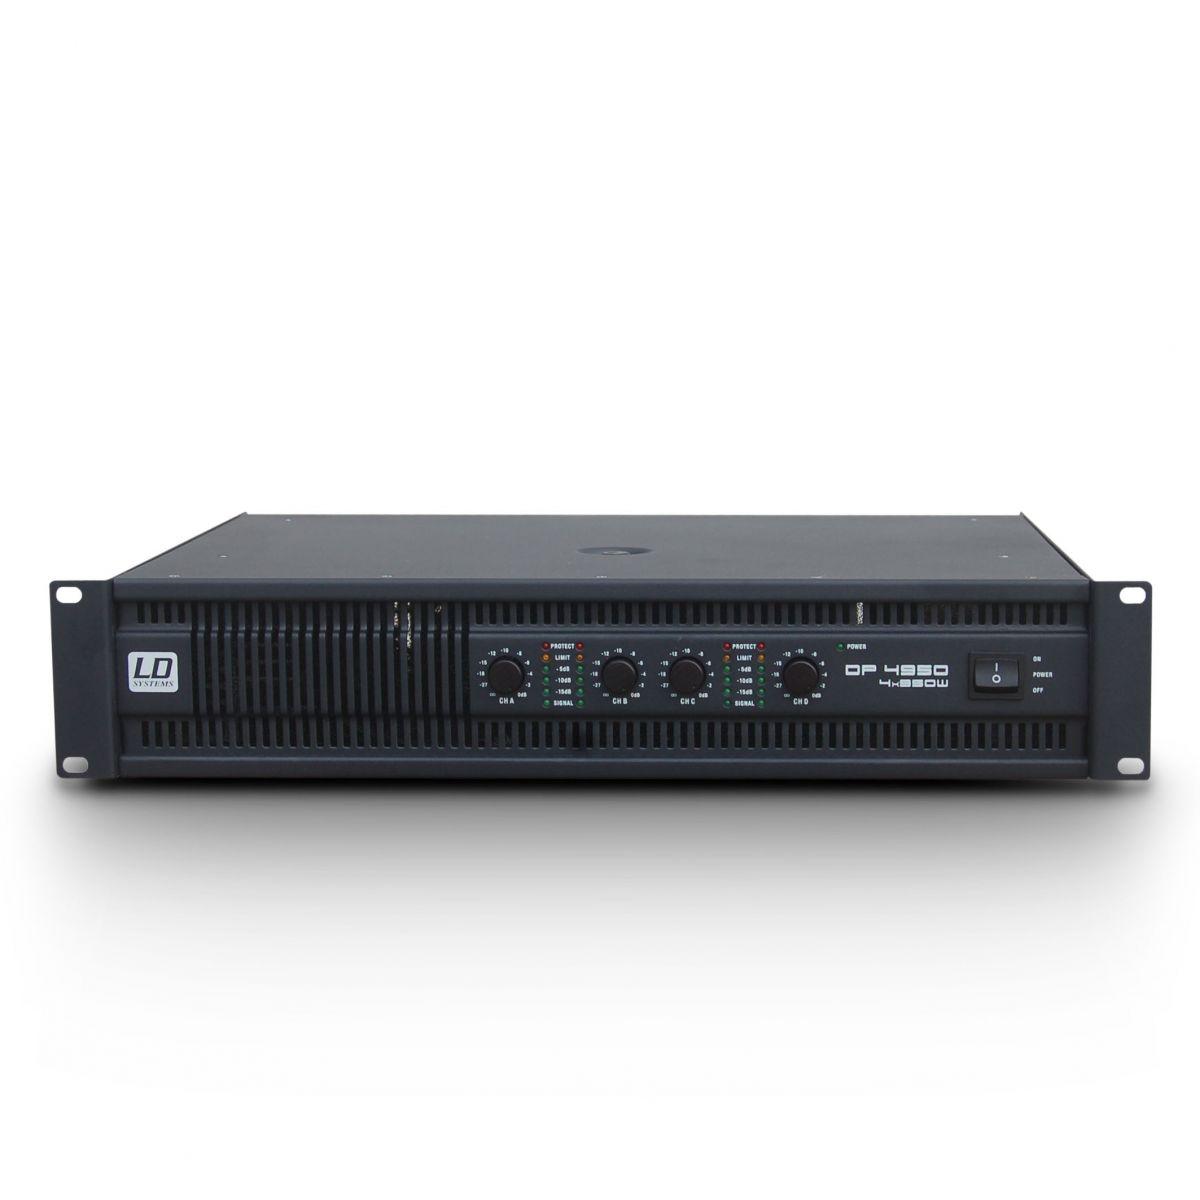 Âm ly 4 kênh chuyên dụng cho PA,  Karaoke - Deep 2 4950 - LD Systems